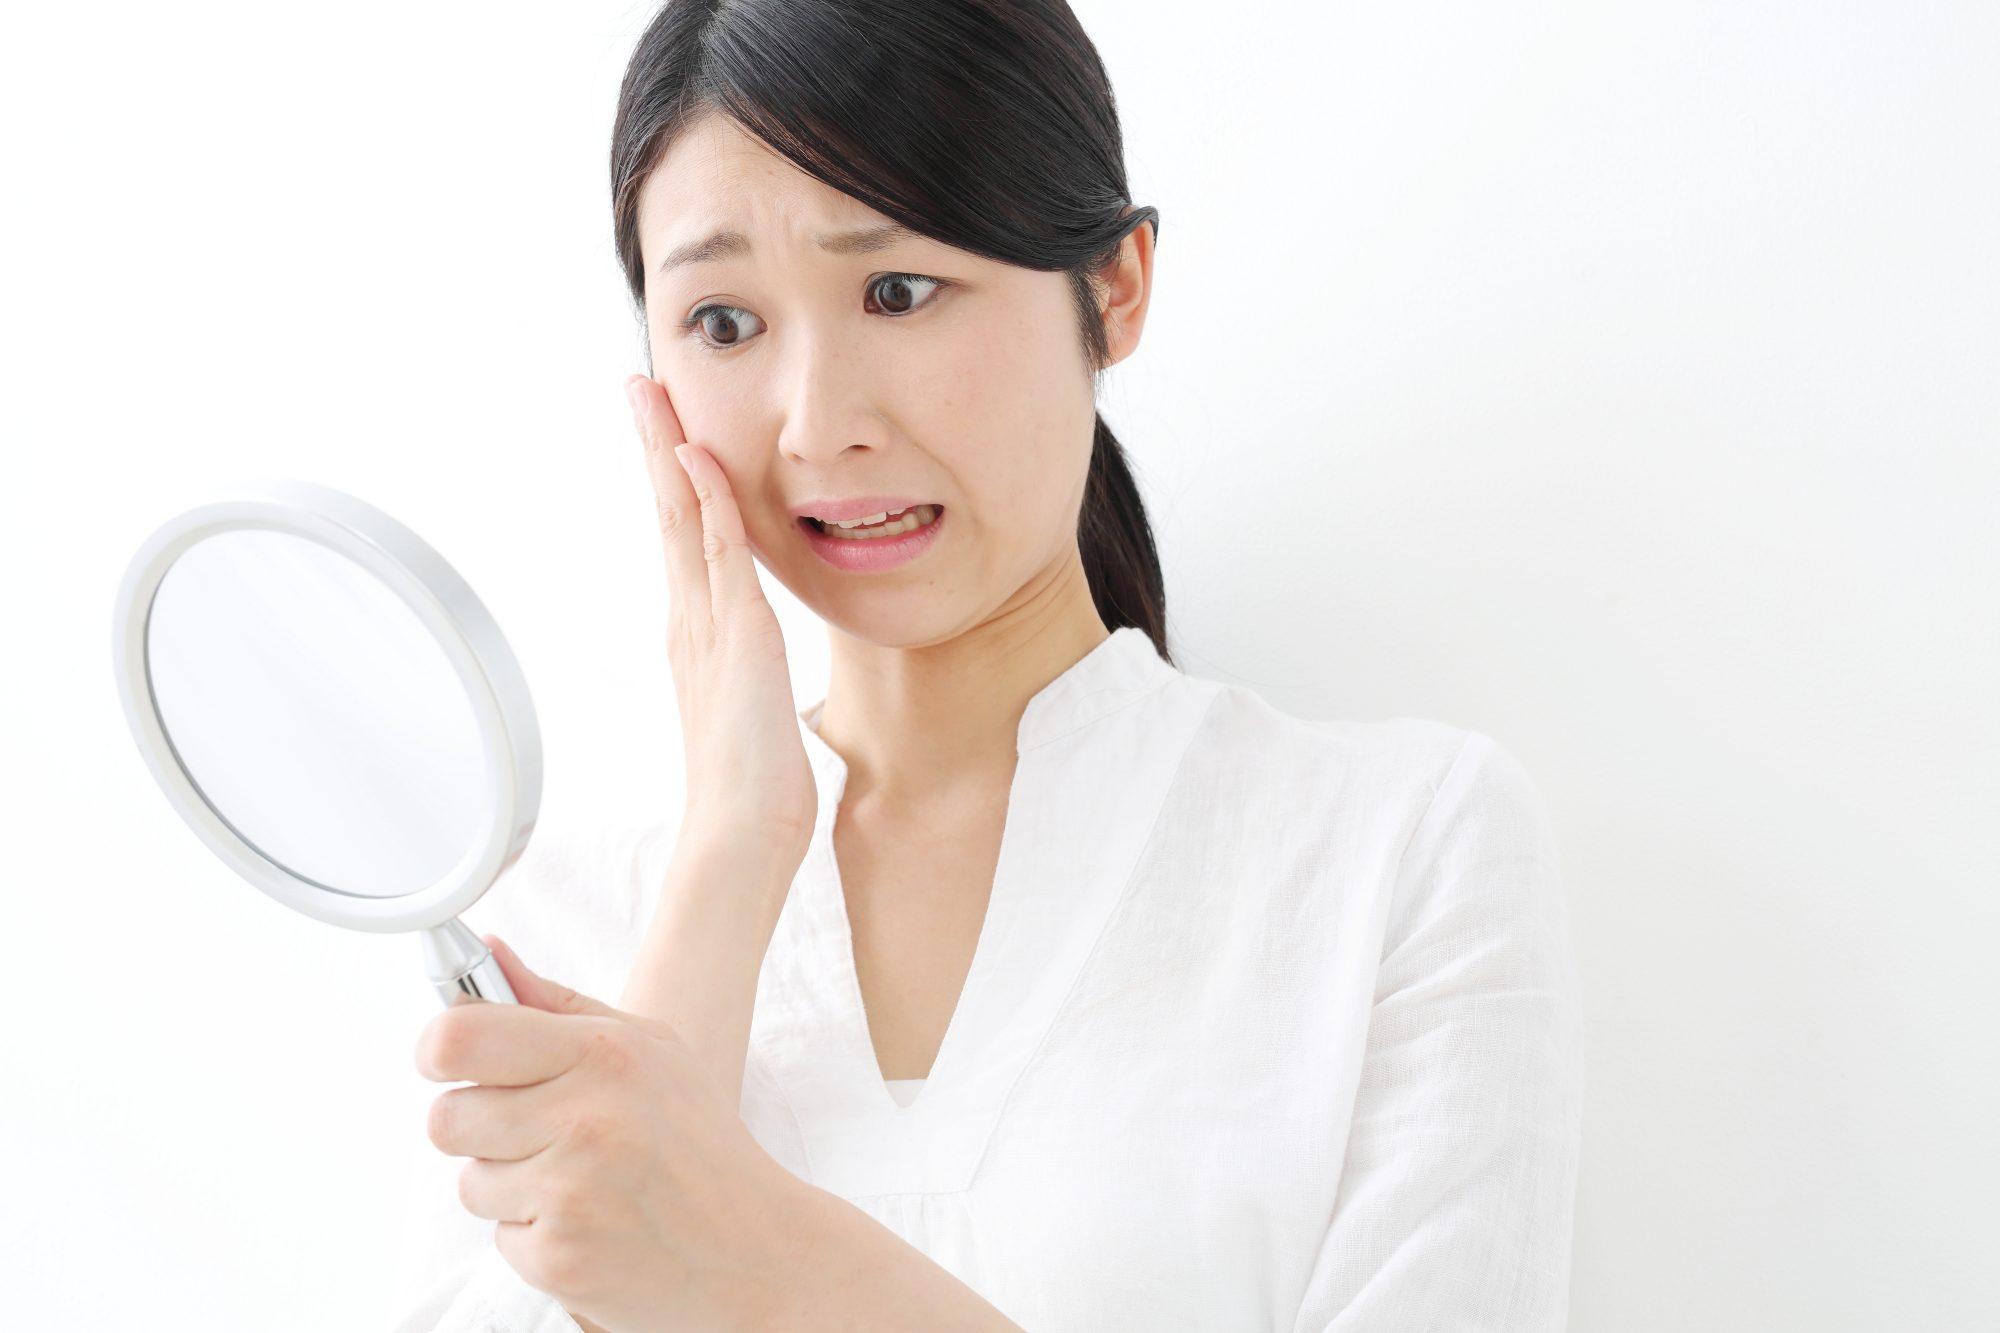 油断は禁物。毎日の紫外線対策は、室内でも忘れずに!